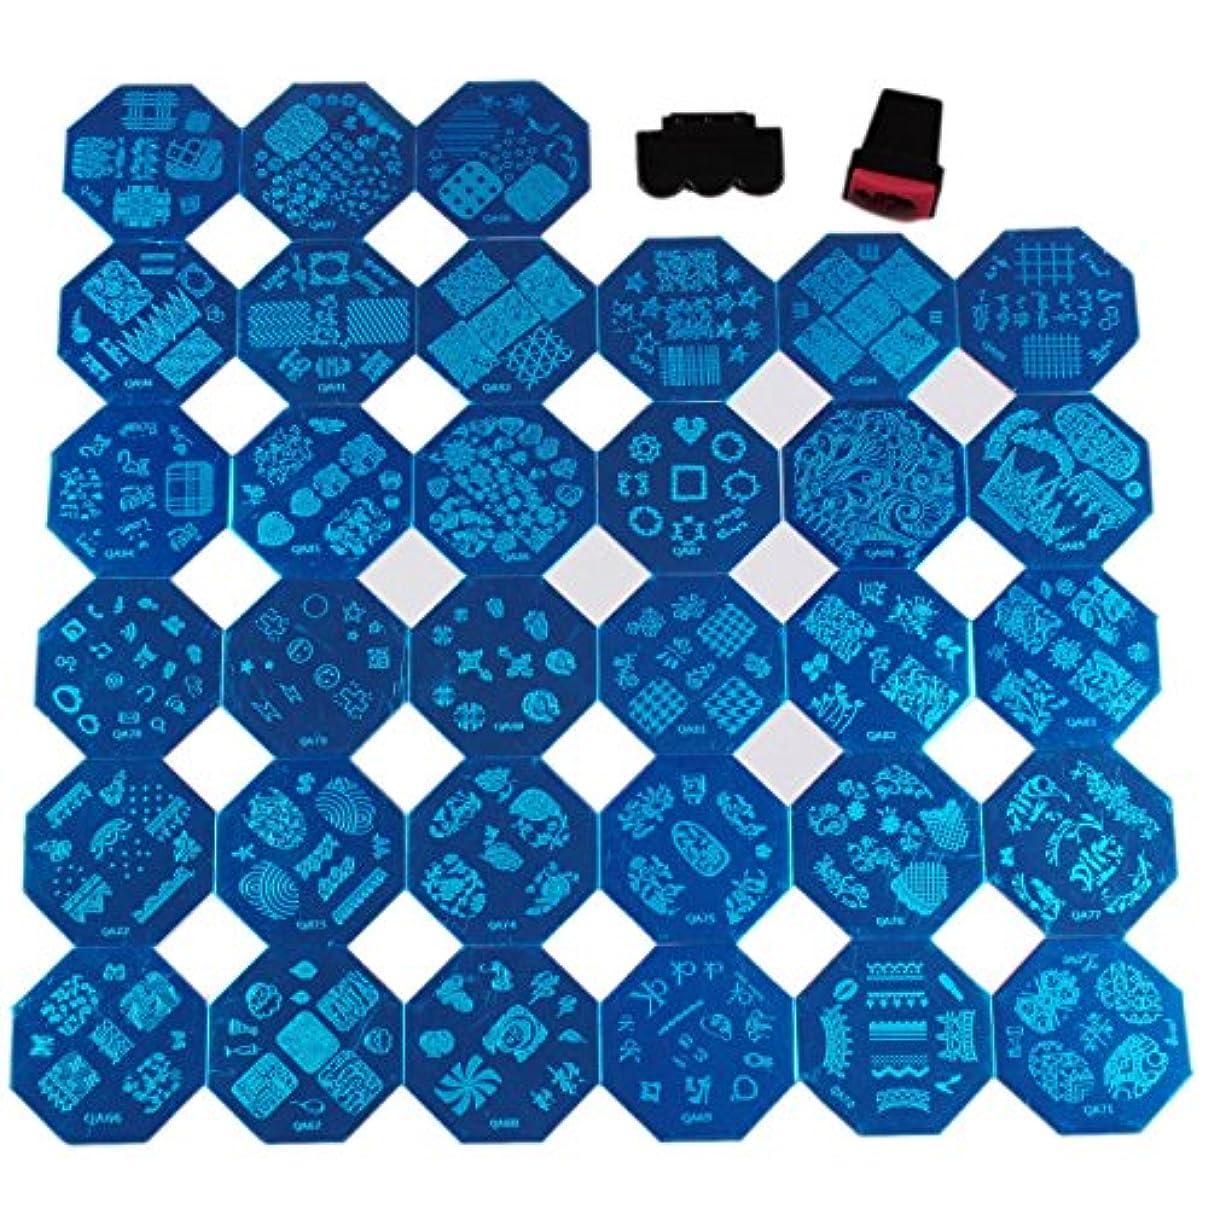 幹疼痛却下するFingerAngel ネイルイメージプレートセット 八角形ネイルプレート 33枚 スタンプ スクレーパー付き ネイルサロンも自宅も適用なネイルプレート 初心者に簡単に仕上がるネイルアート